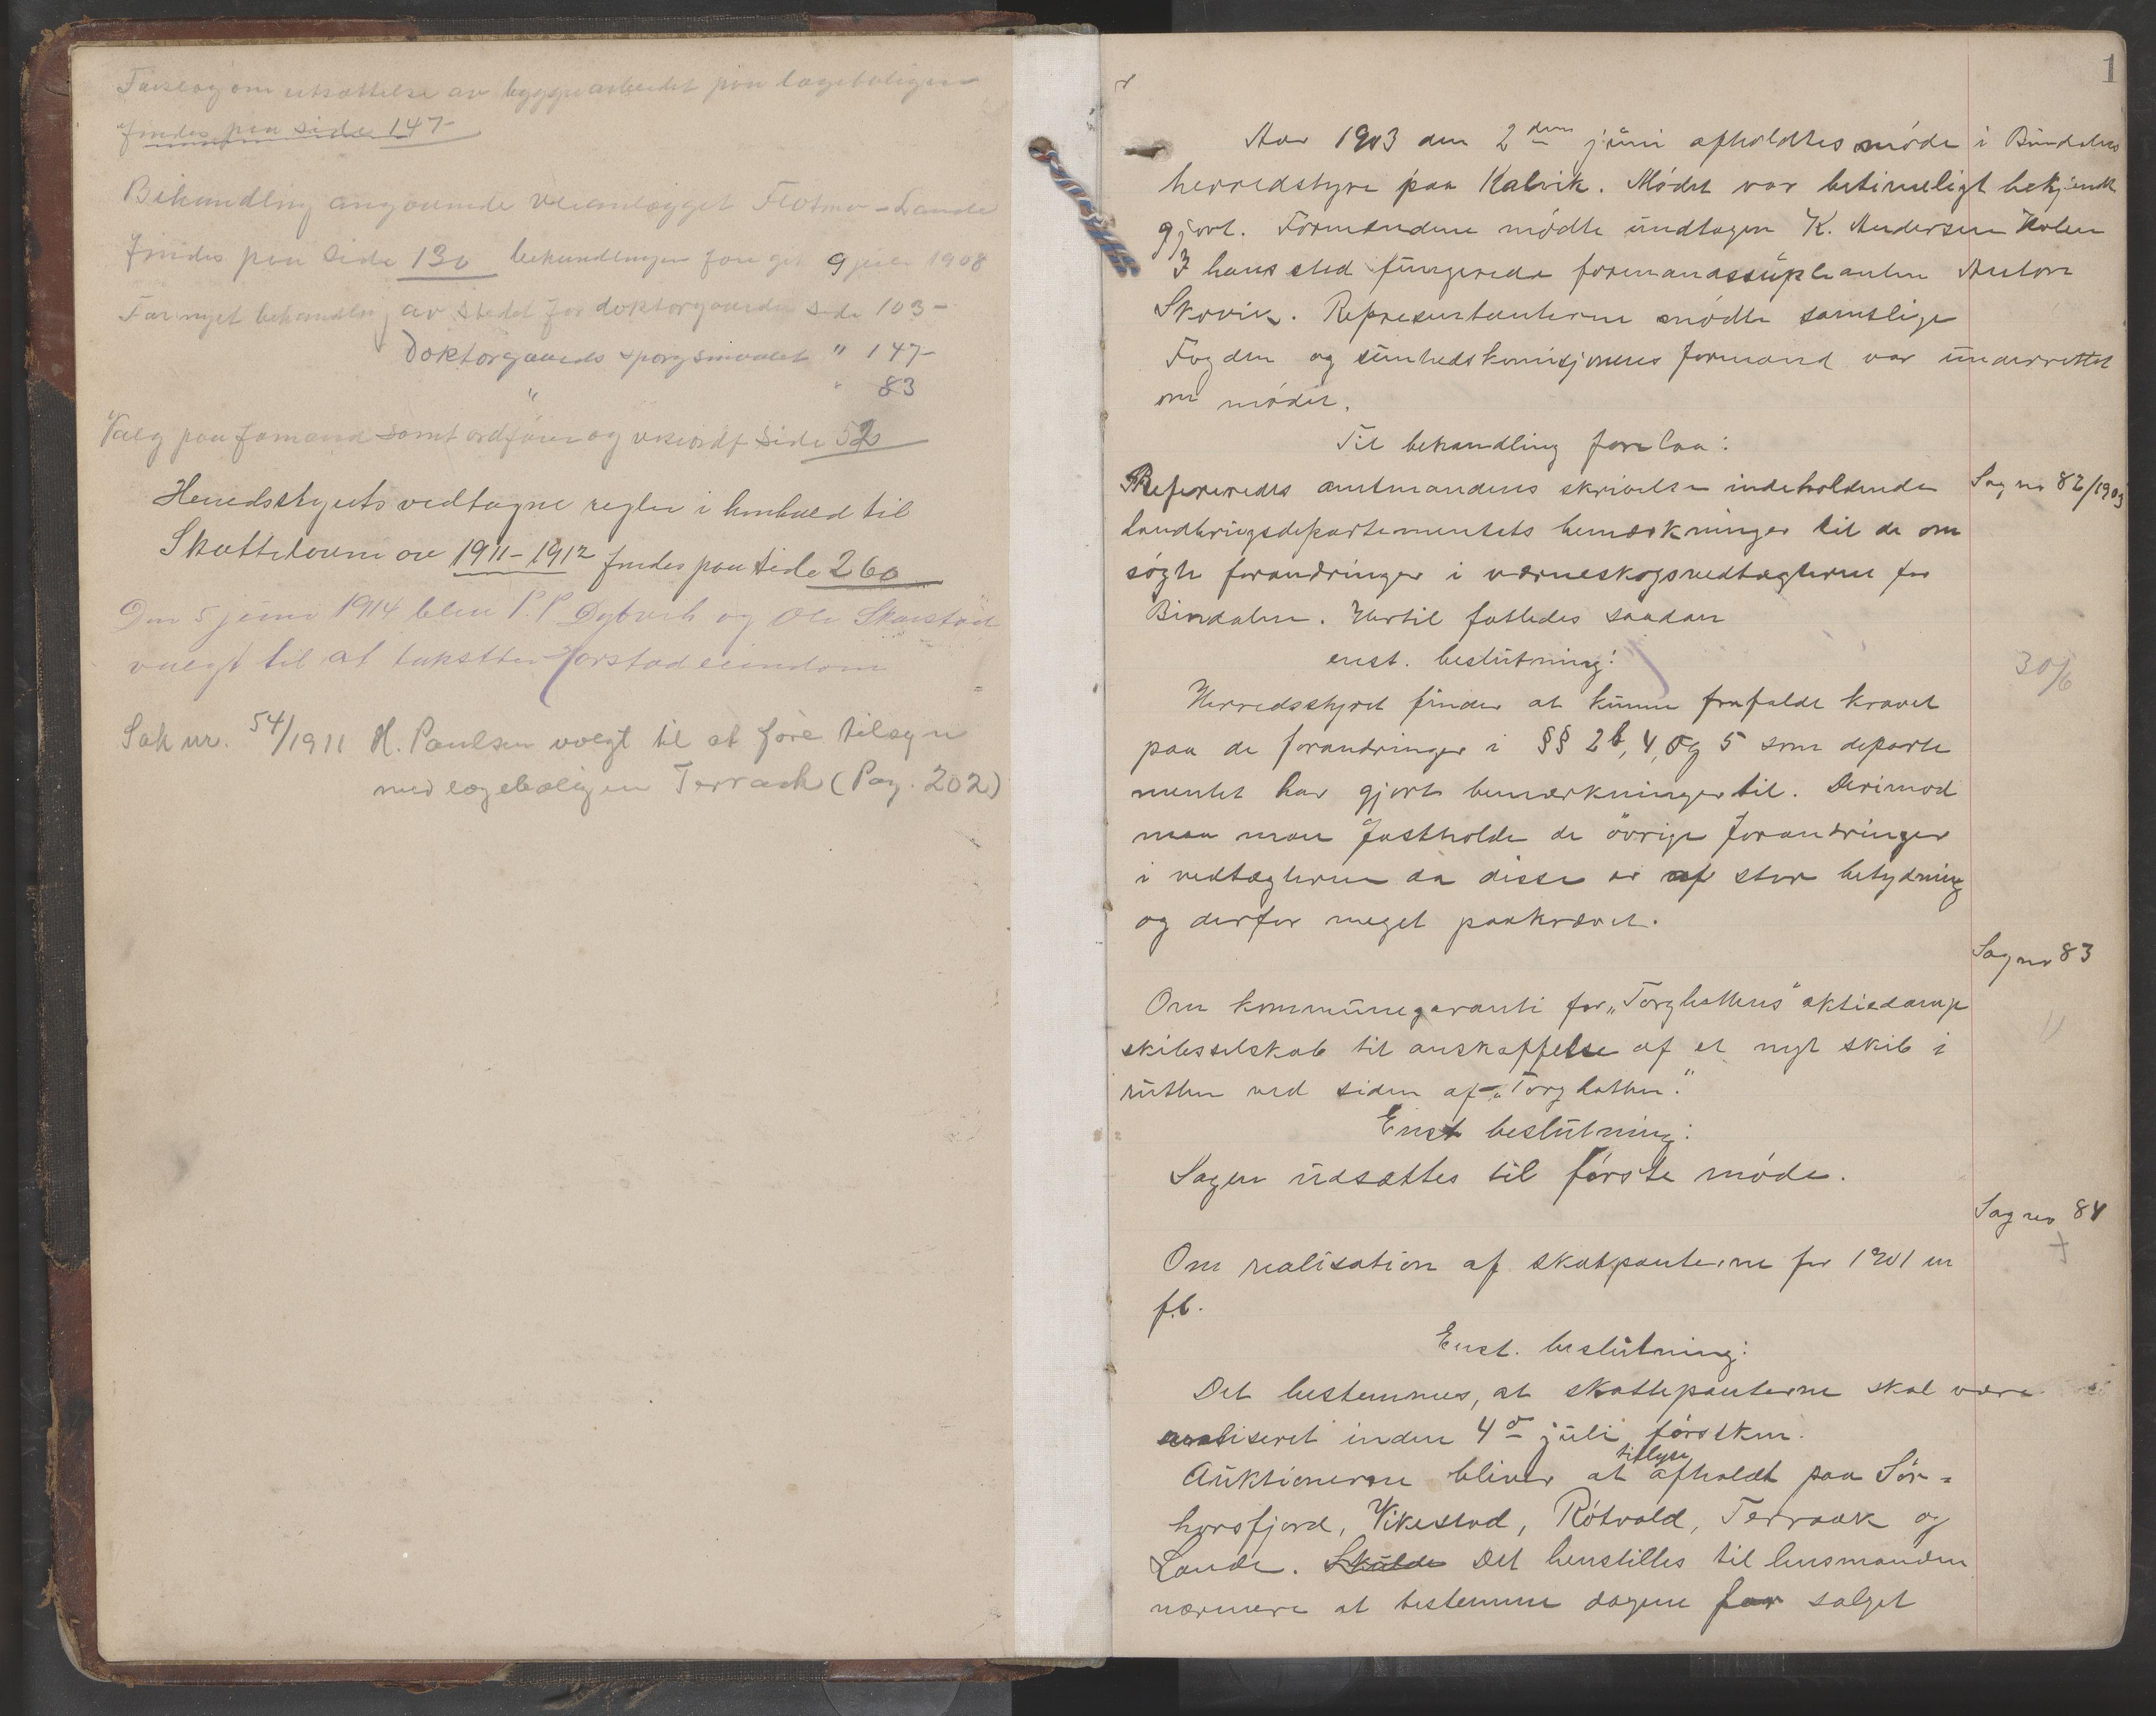 AIN, Bindal kommune. Formannskapet, A/Aa/L0000e: Møtebok, 1903-1914, s. 1